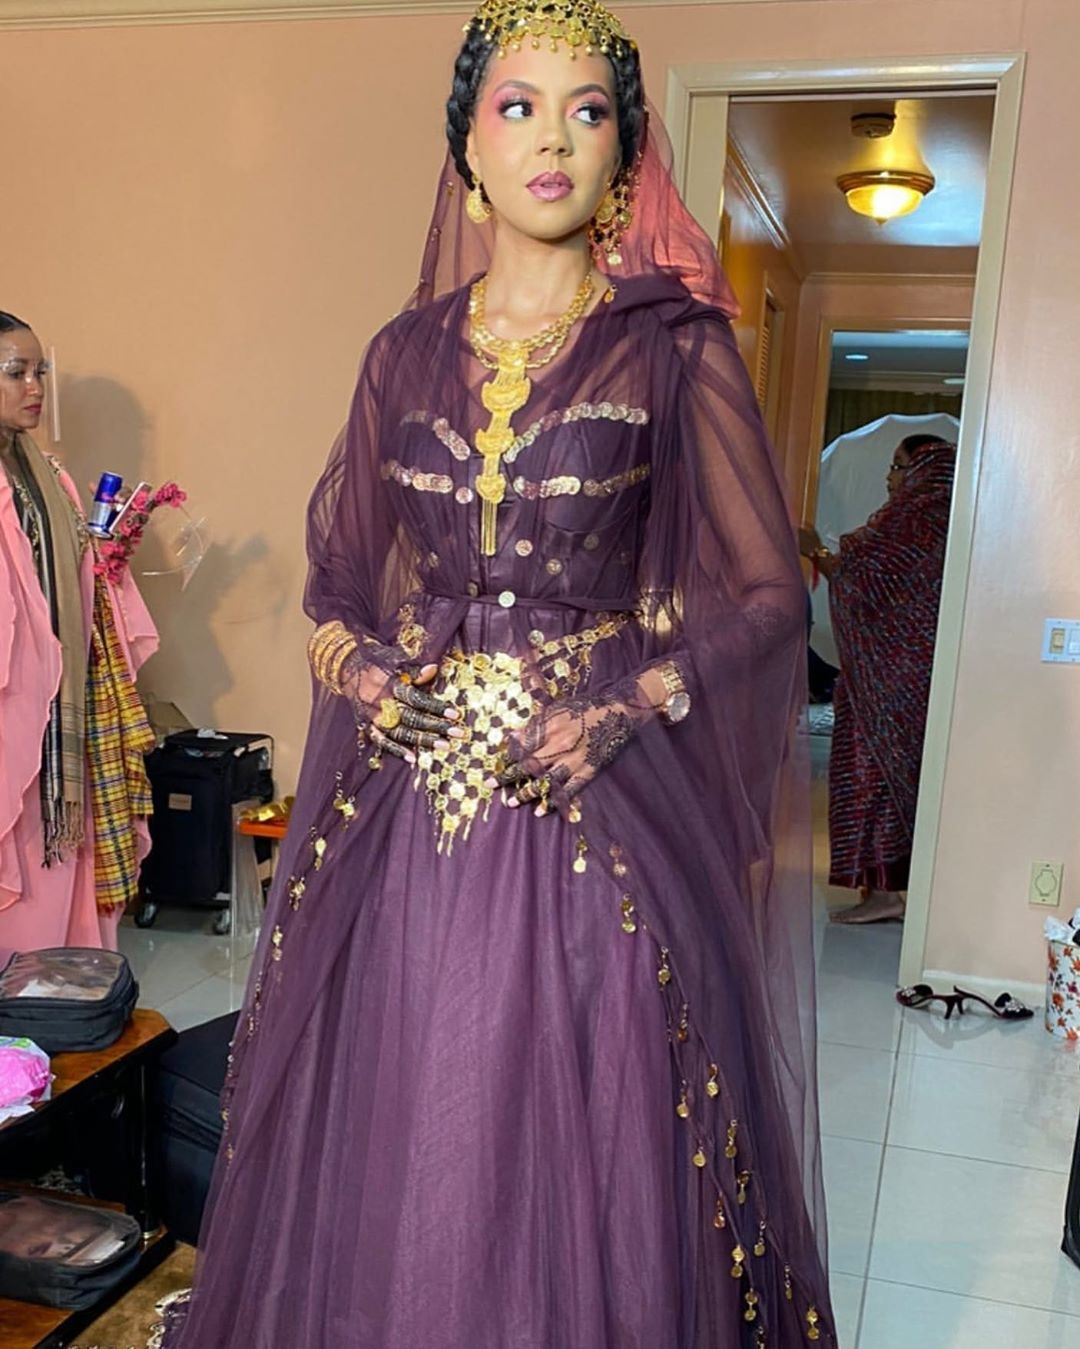 Adama-indimi-henna-party-night-marriage-nikkai-wedding-shesaidado-malik-ado-ibrahim